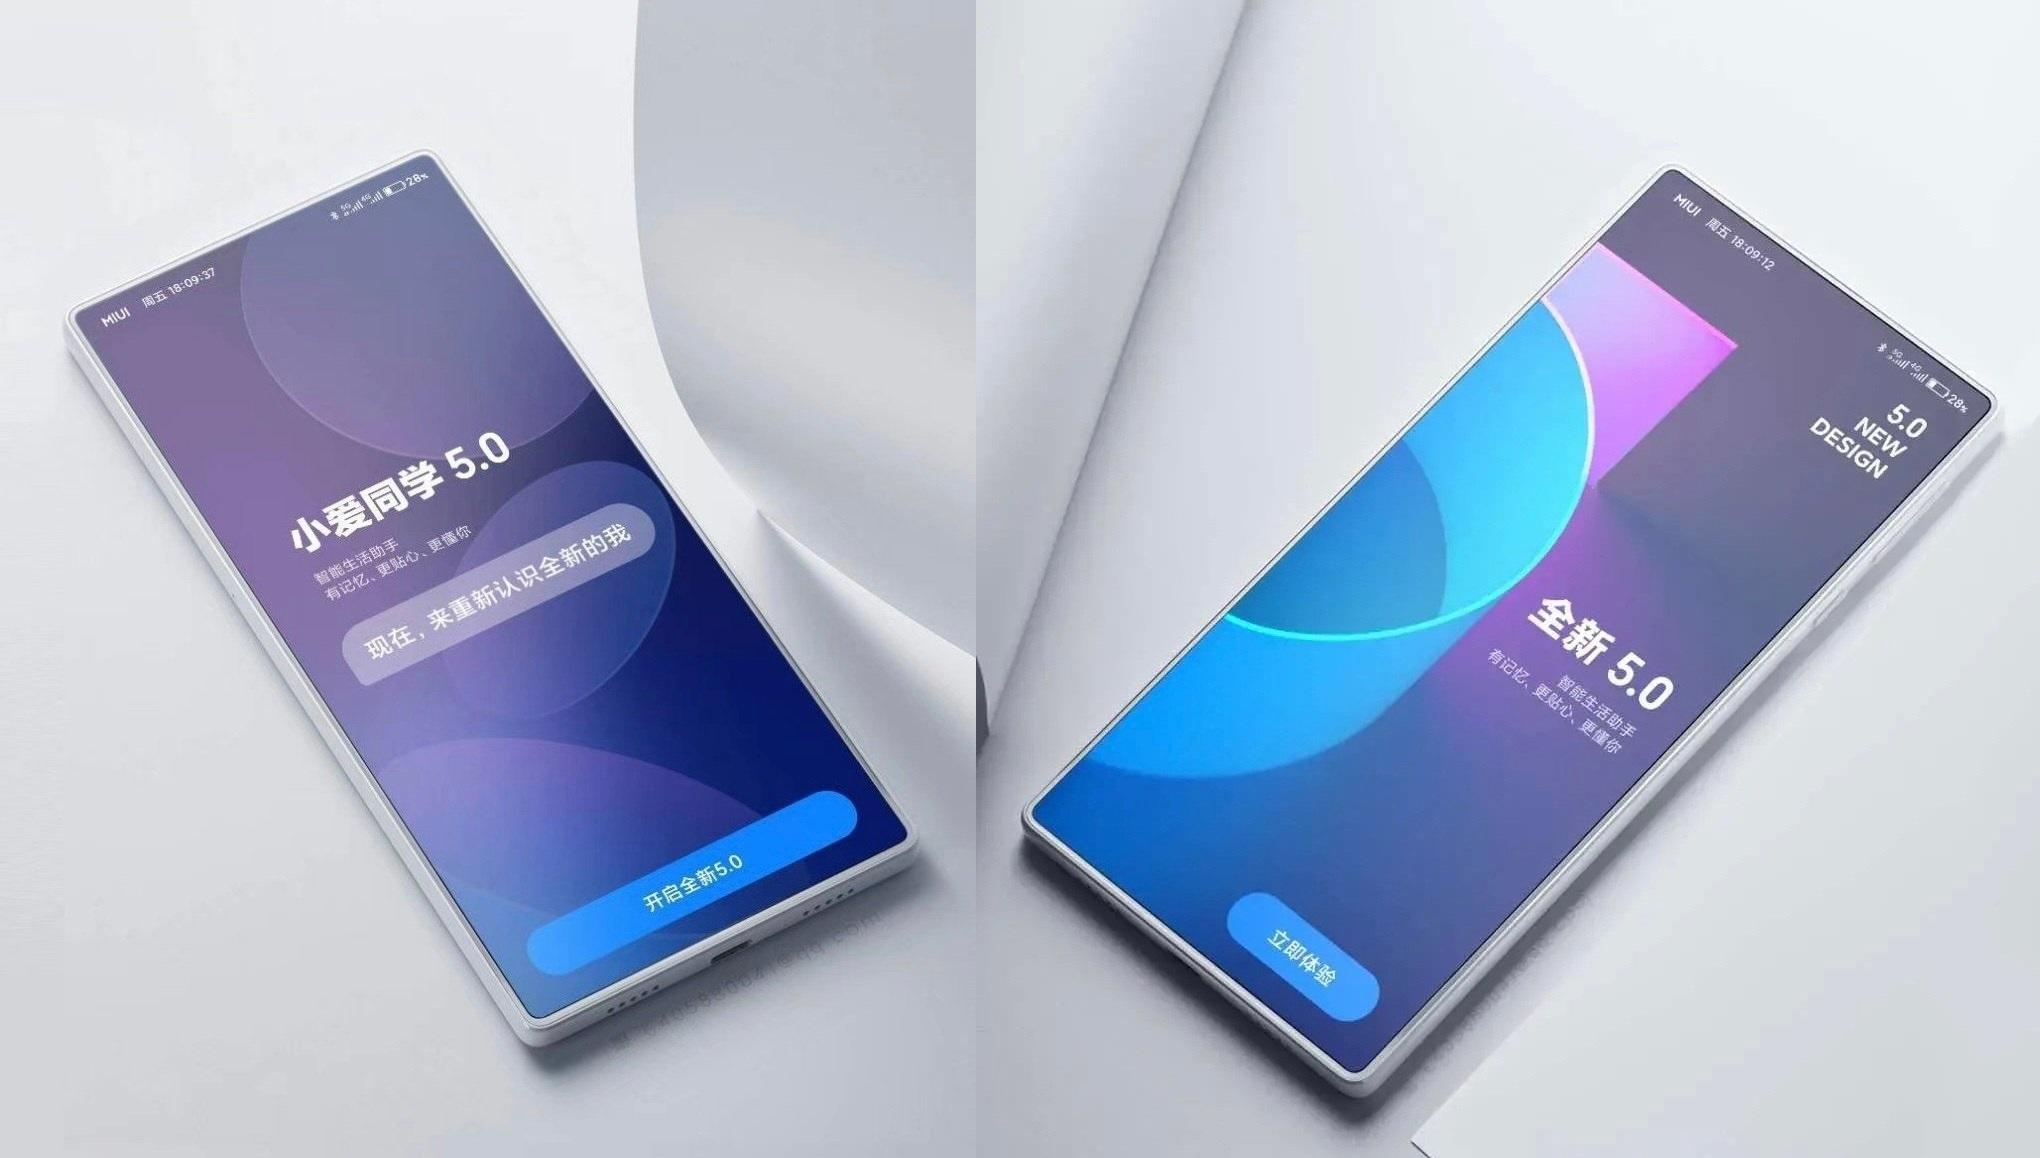 Xiaomi Mi Mix 4 absolut flach und mit Kamera unterm Display: Renderbilder begeistern das Netz - Notebookcheck.com